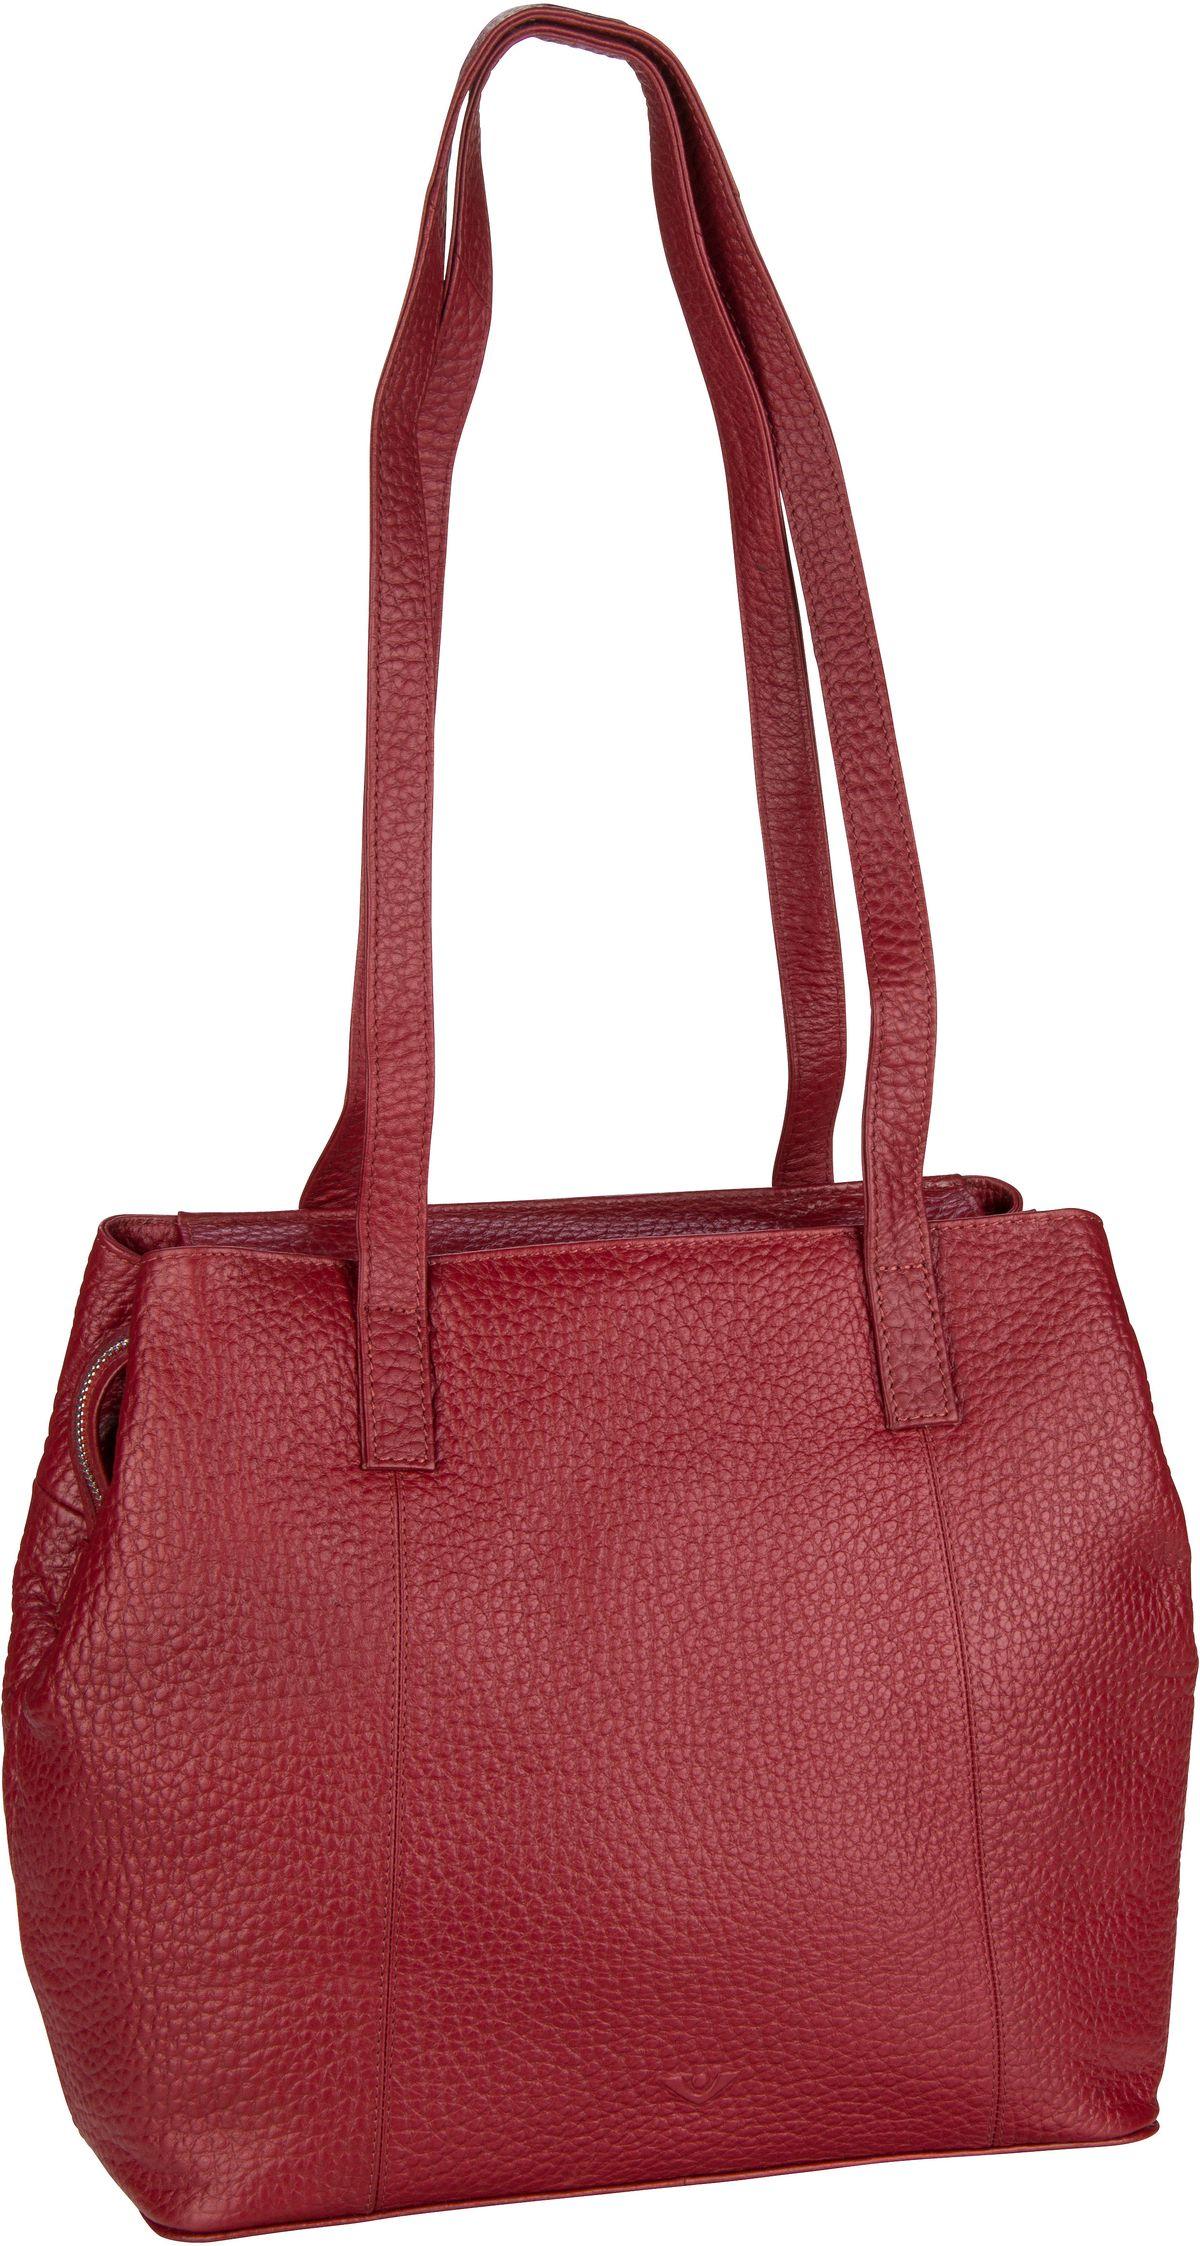 Voi Handtasche Mariam 21975 Granat